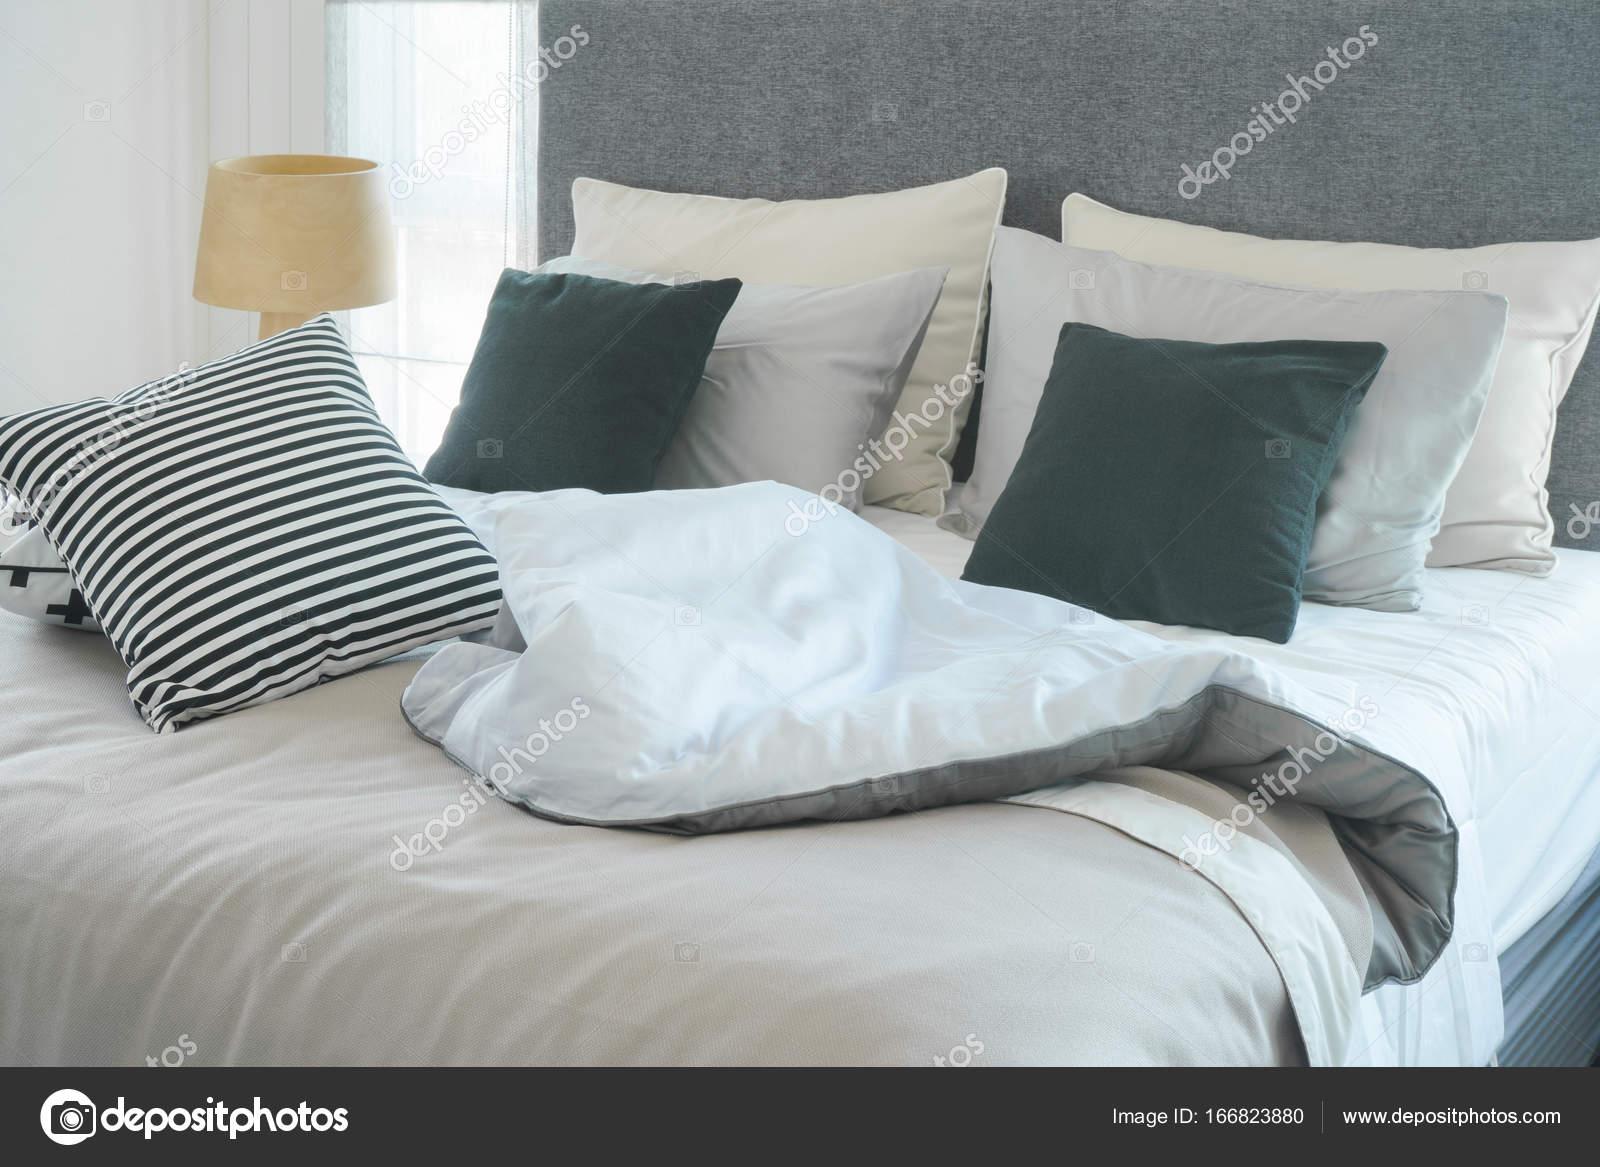 Disordinato letto con cuscini in camera da letto moderna interno ...